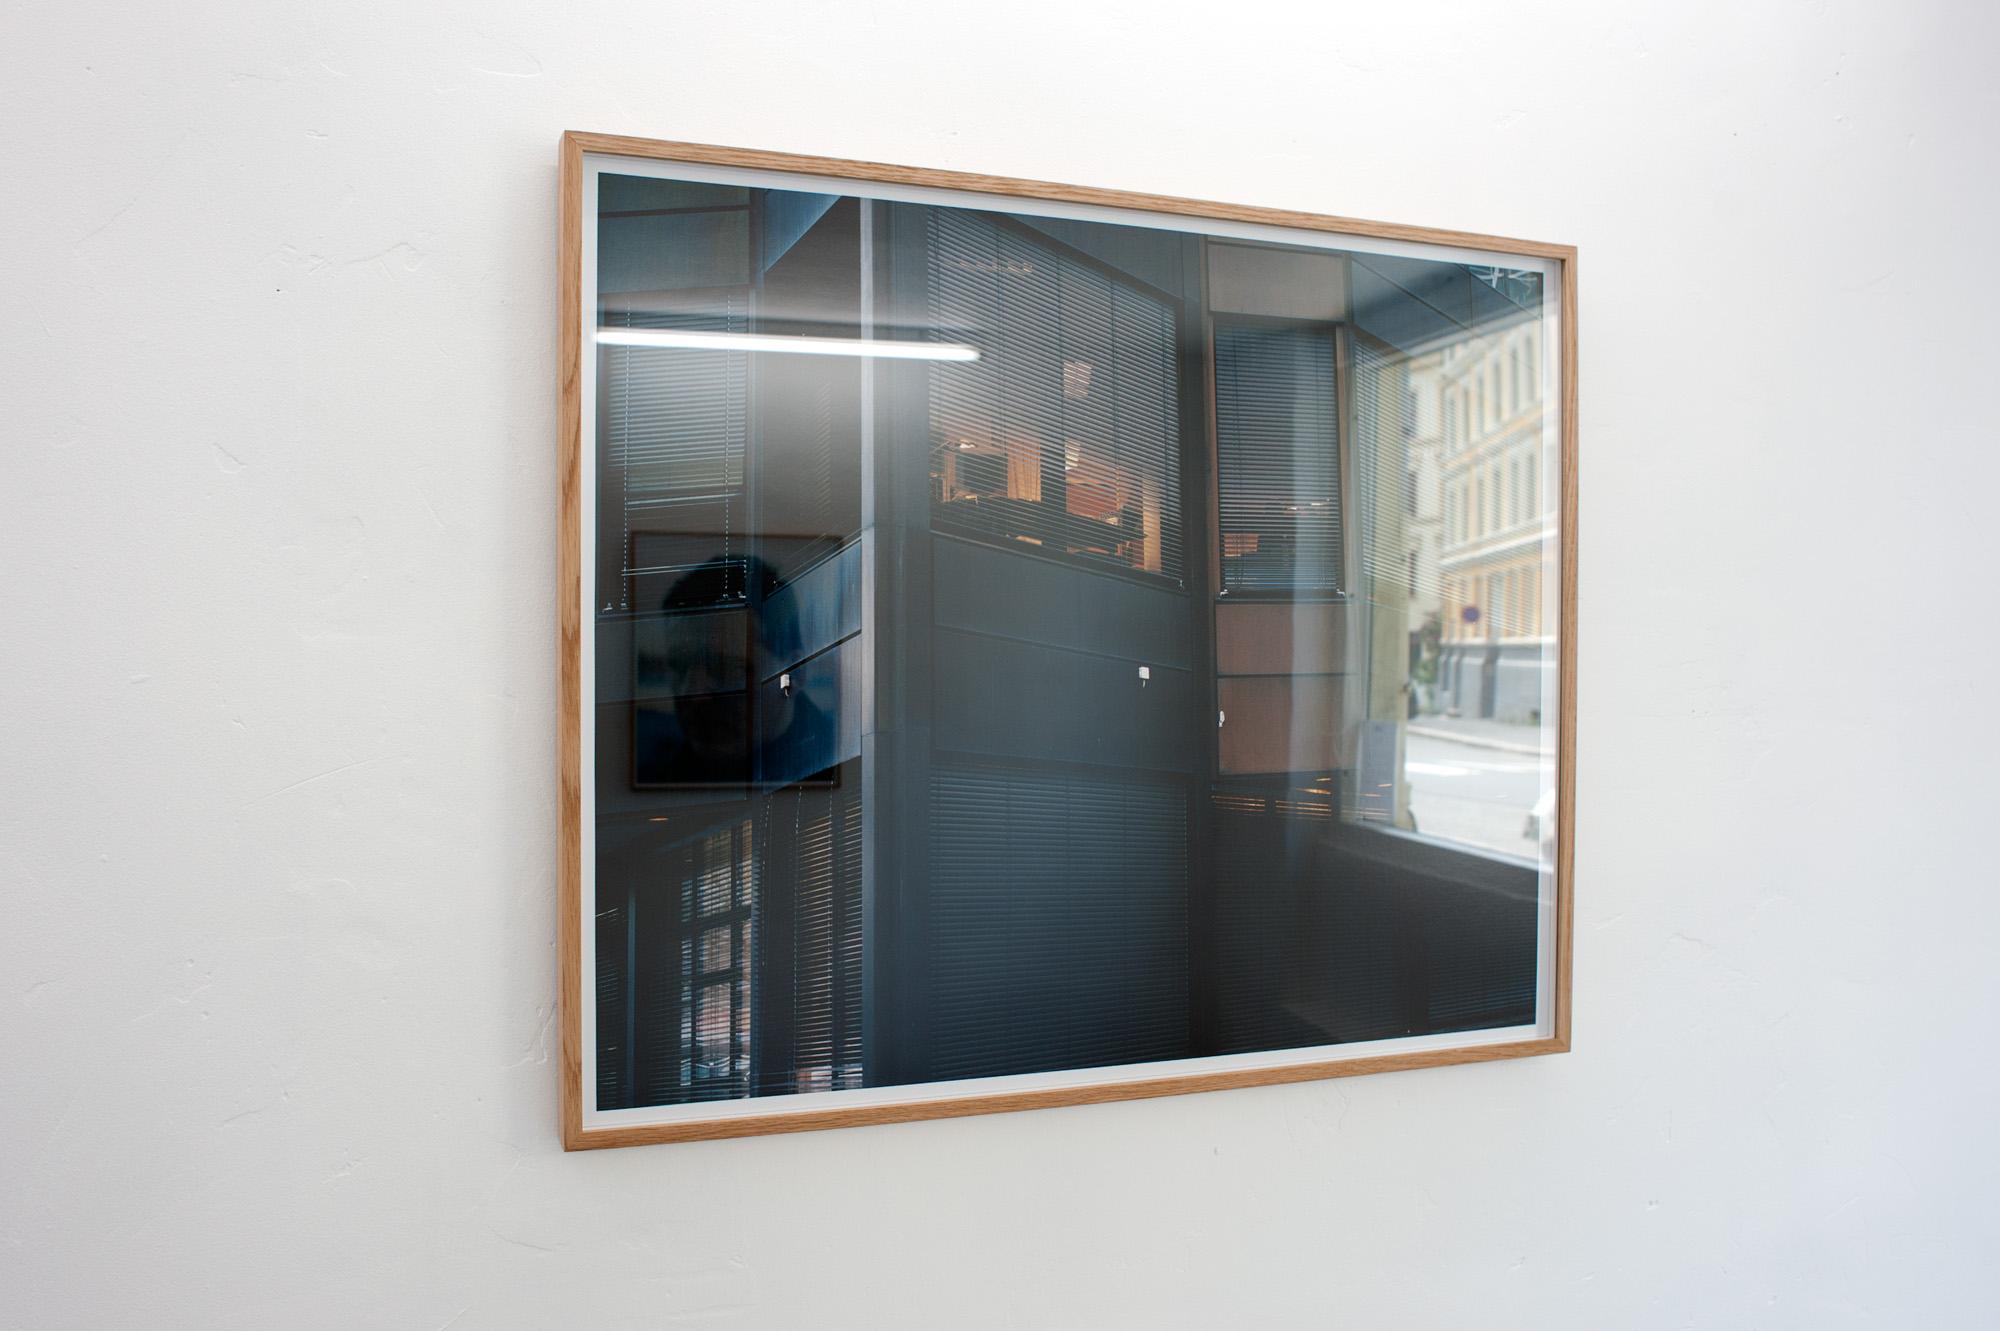 Drammen, 2004, 65 x 78 cm